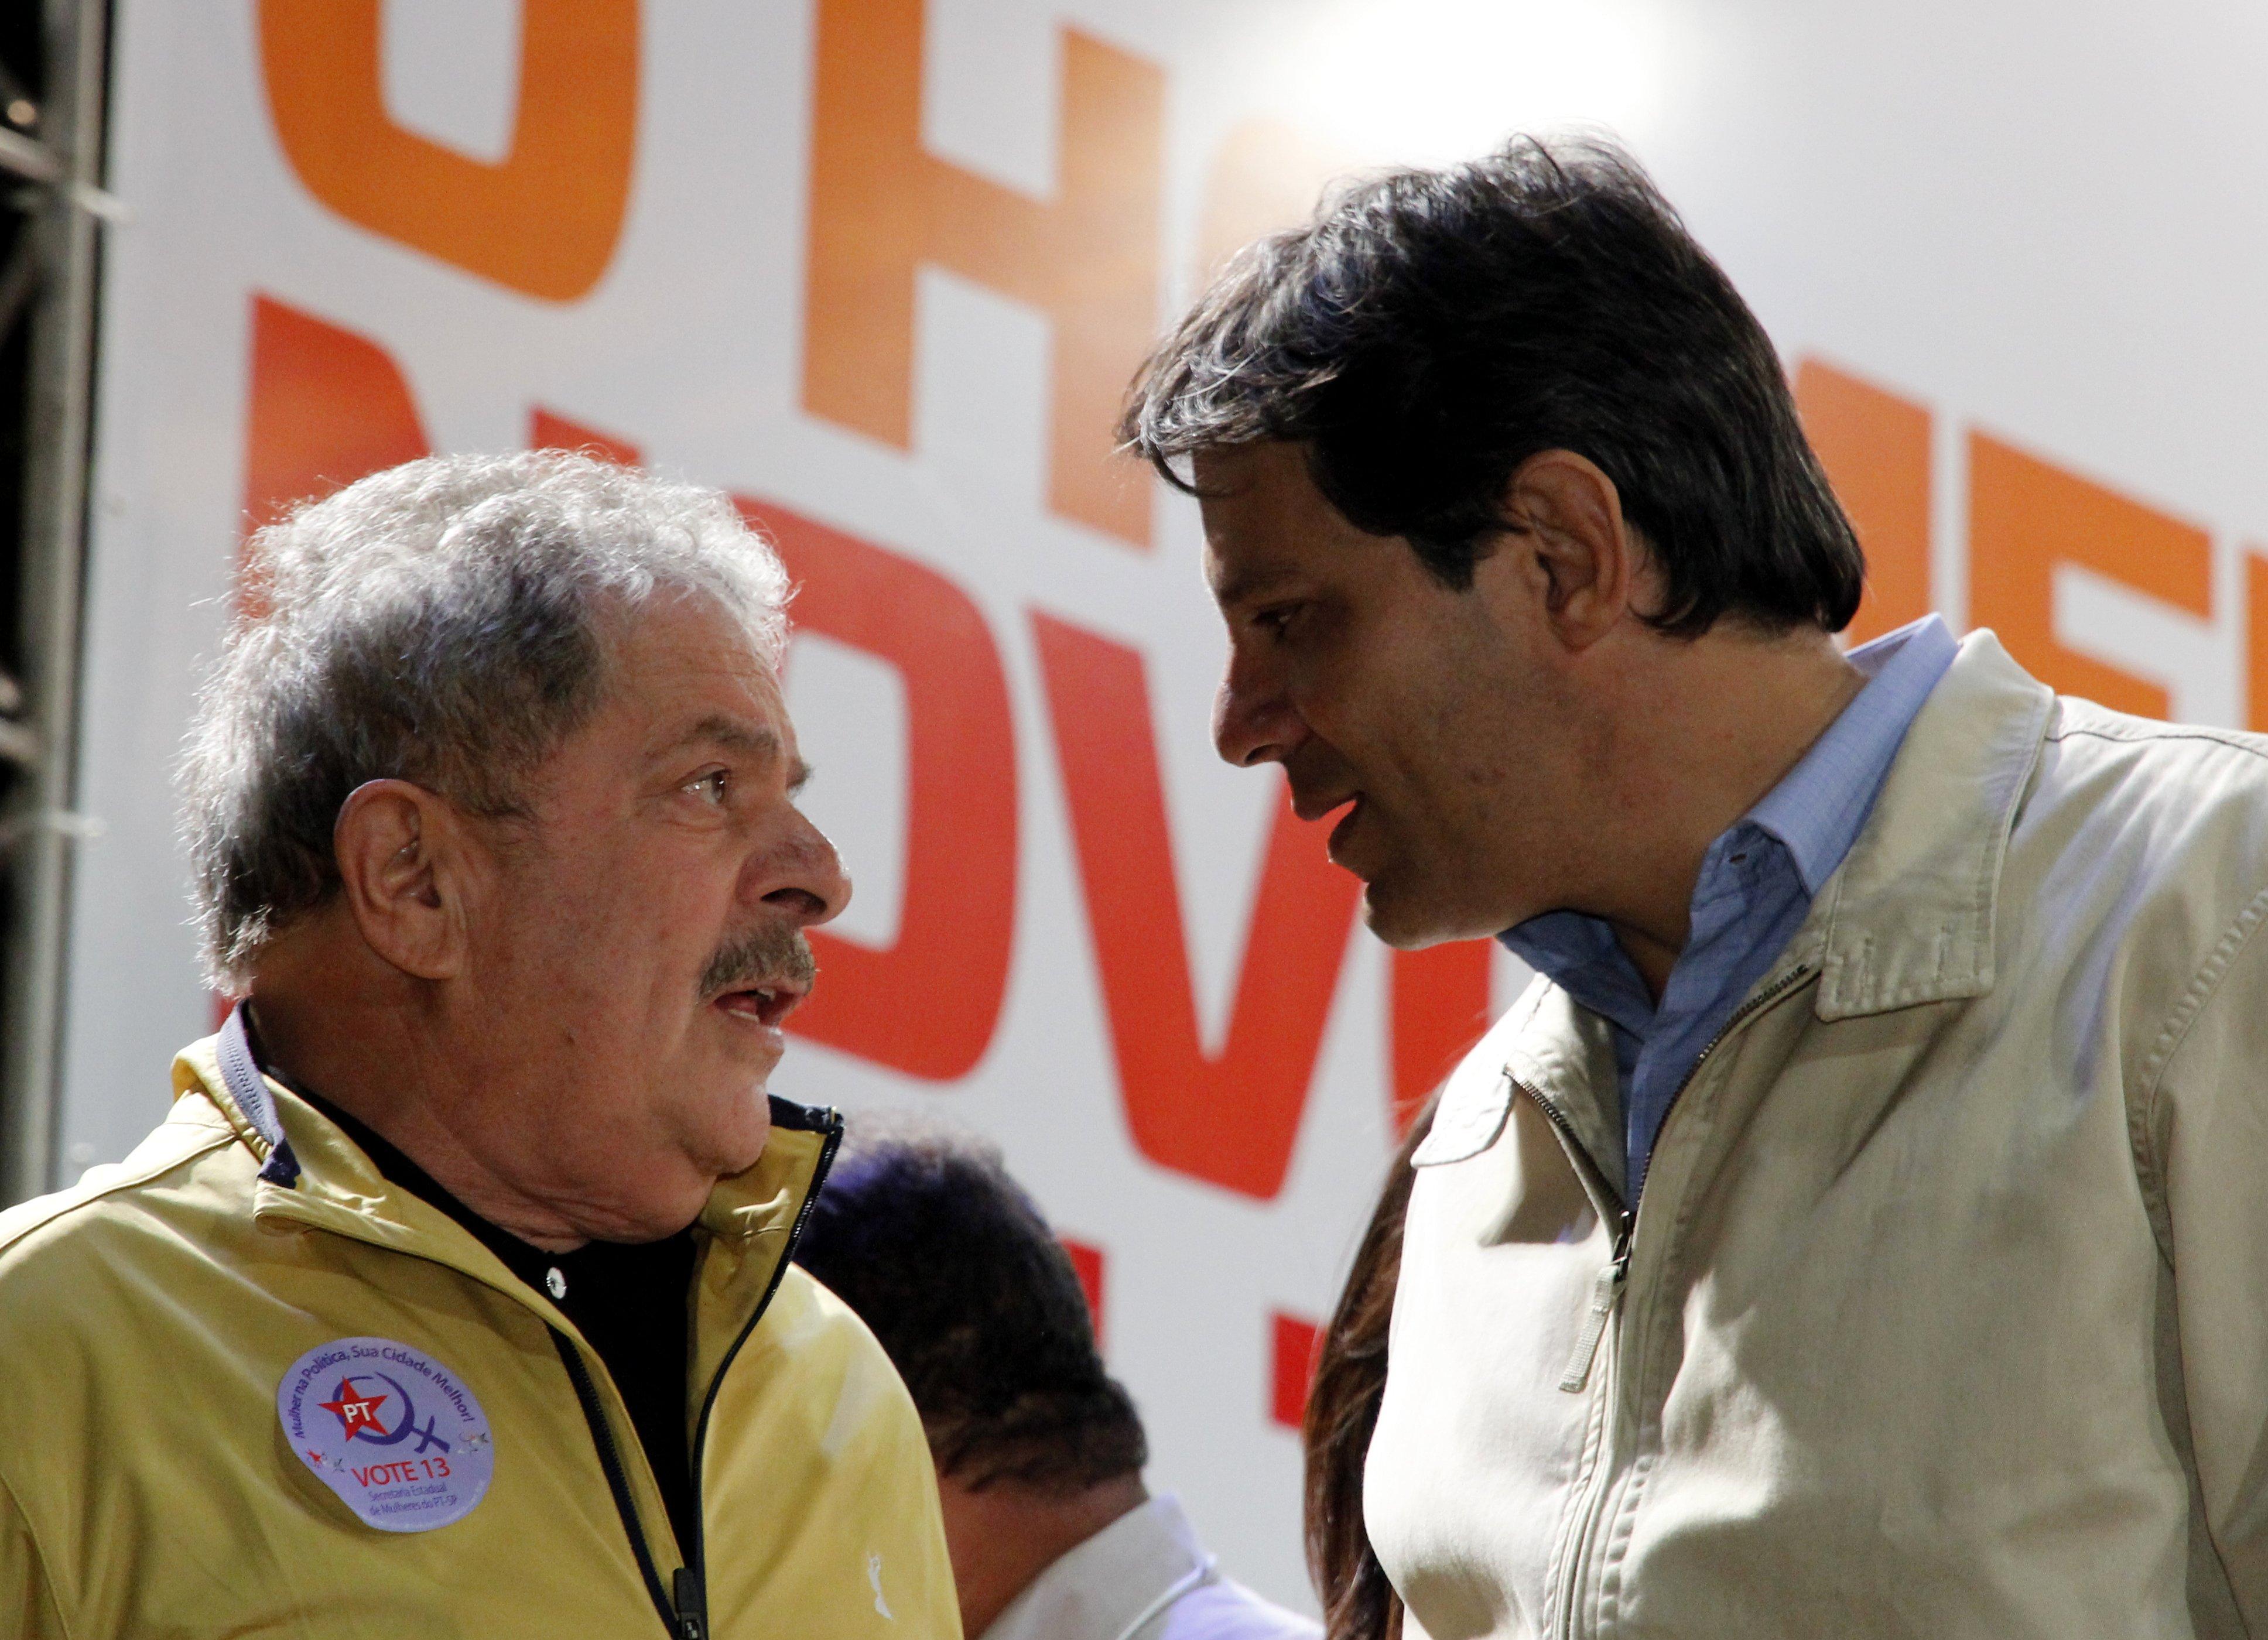 Fernando Haddad deve substituir Lula na corrida eleitoral em cima do prazo do TSE